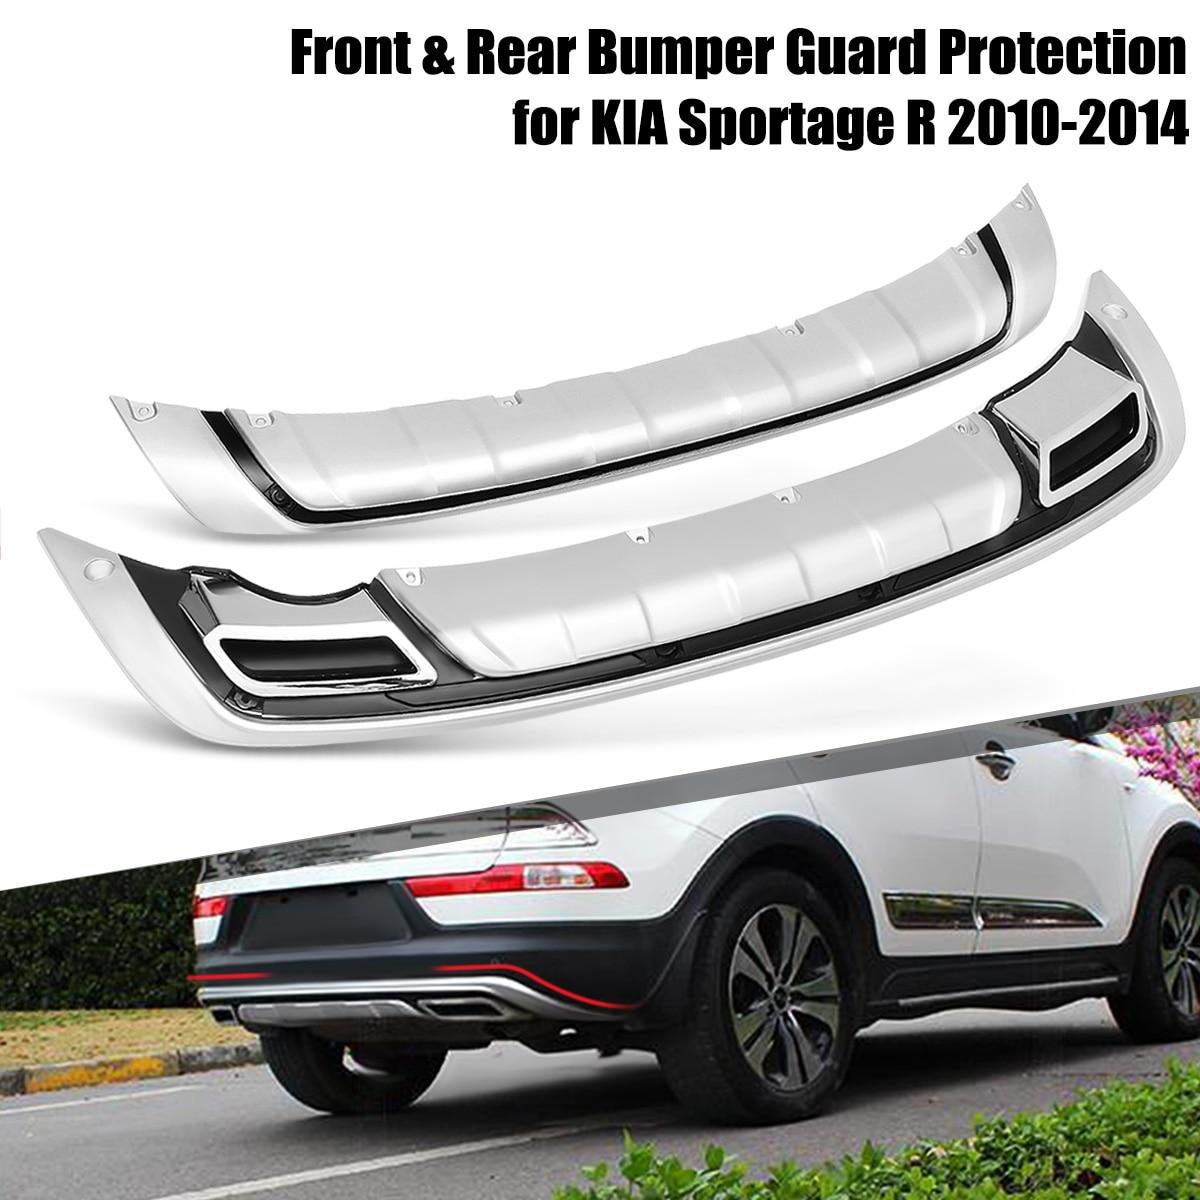 2 pièces/ensemble pare-chocs de voiture avant et arrière pare-chocs Protection couvercle de Protection ABS pour KIA Sportage R 2010 2011 2012 2013 2014